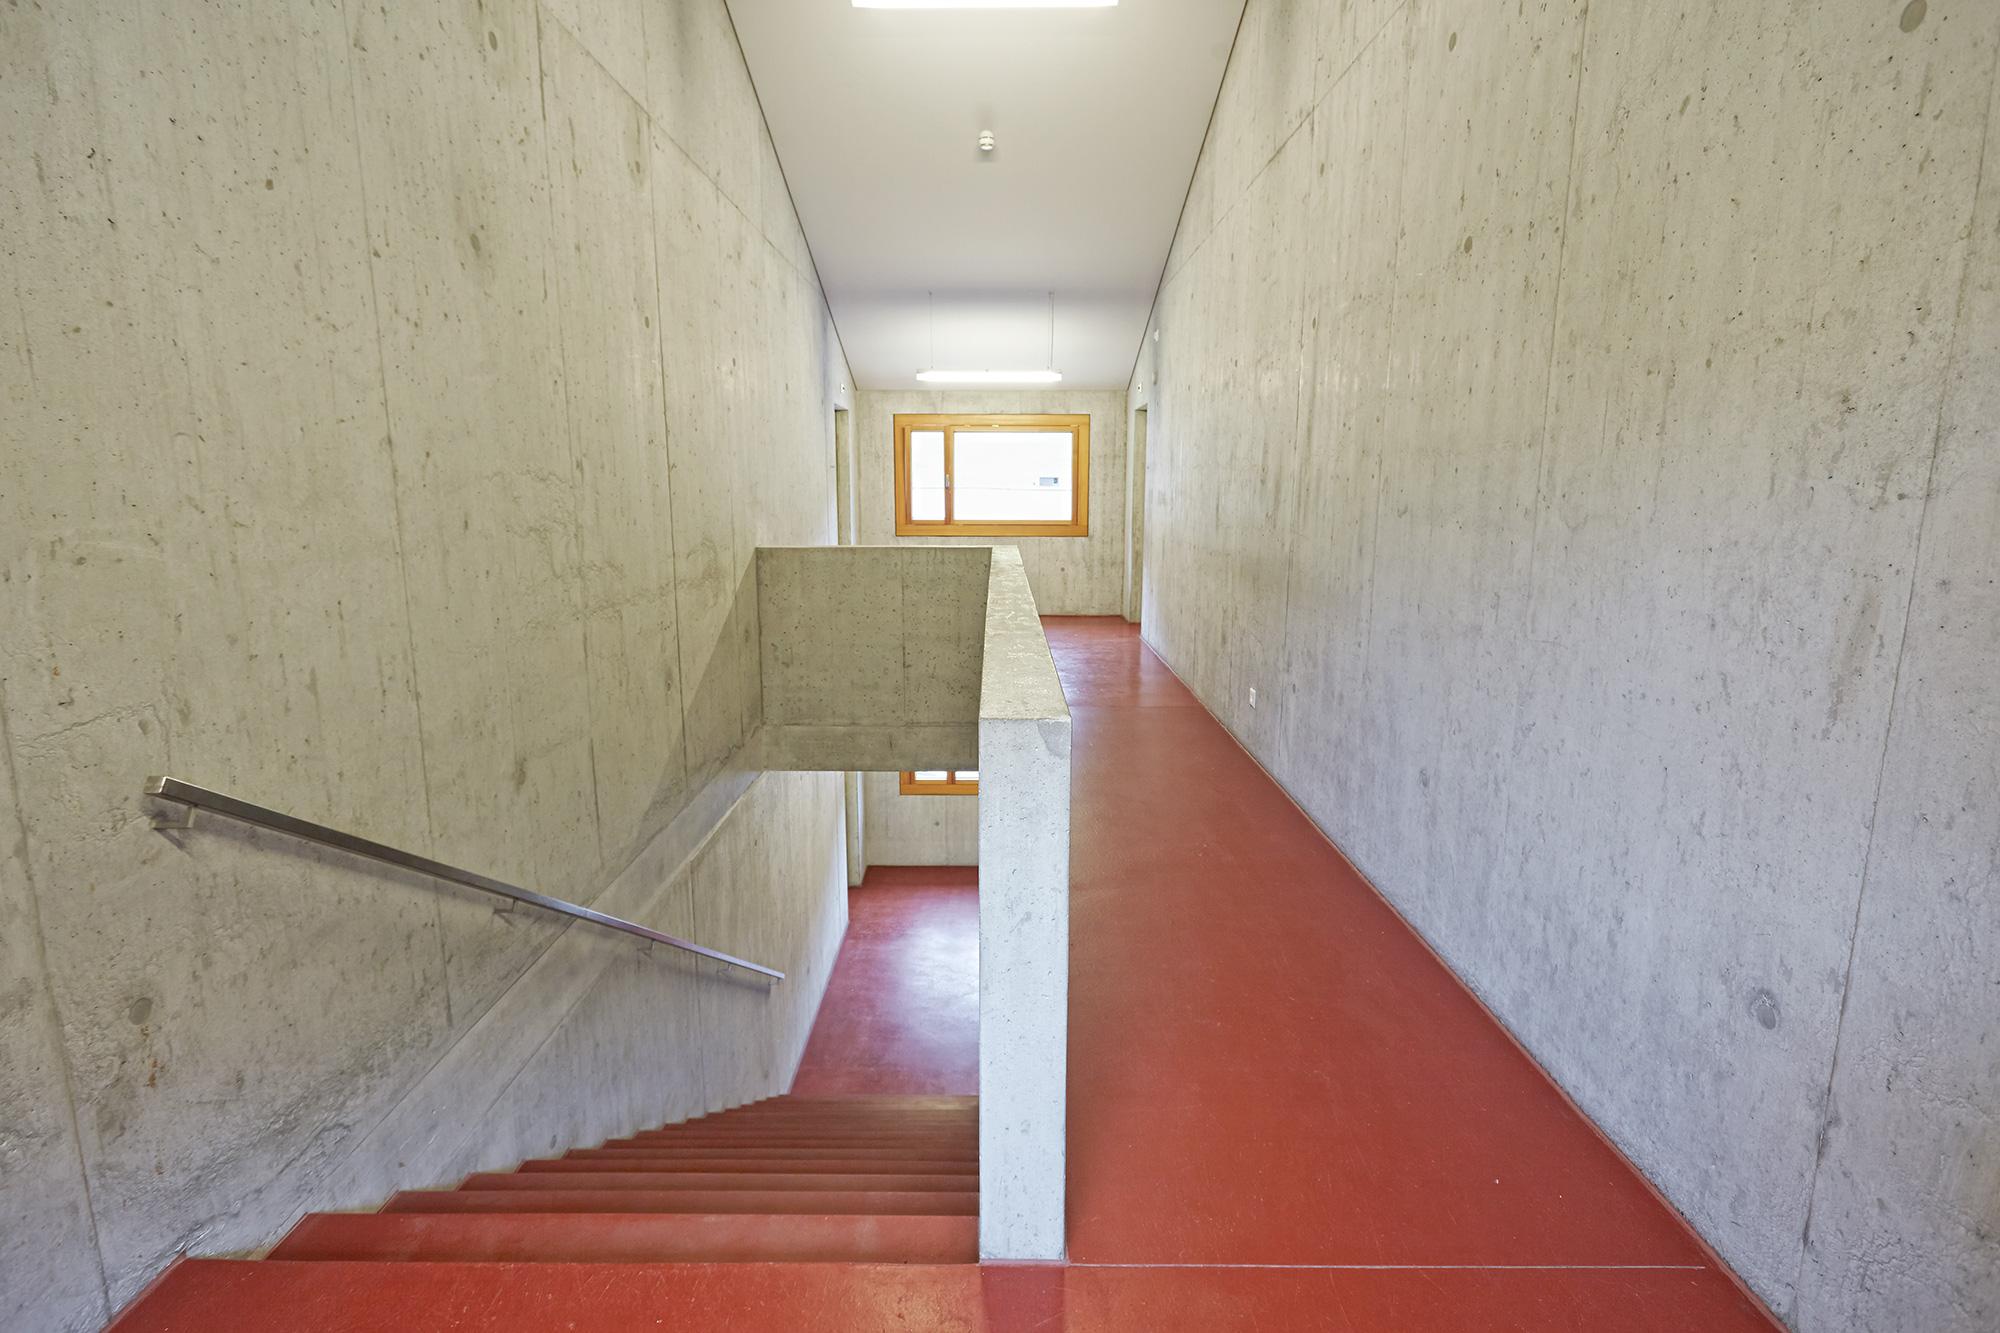 Corridor at Generoso